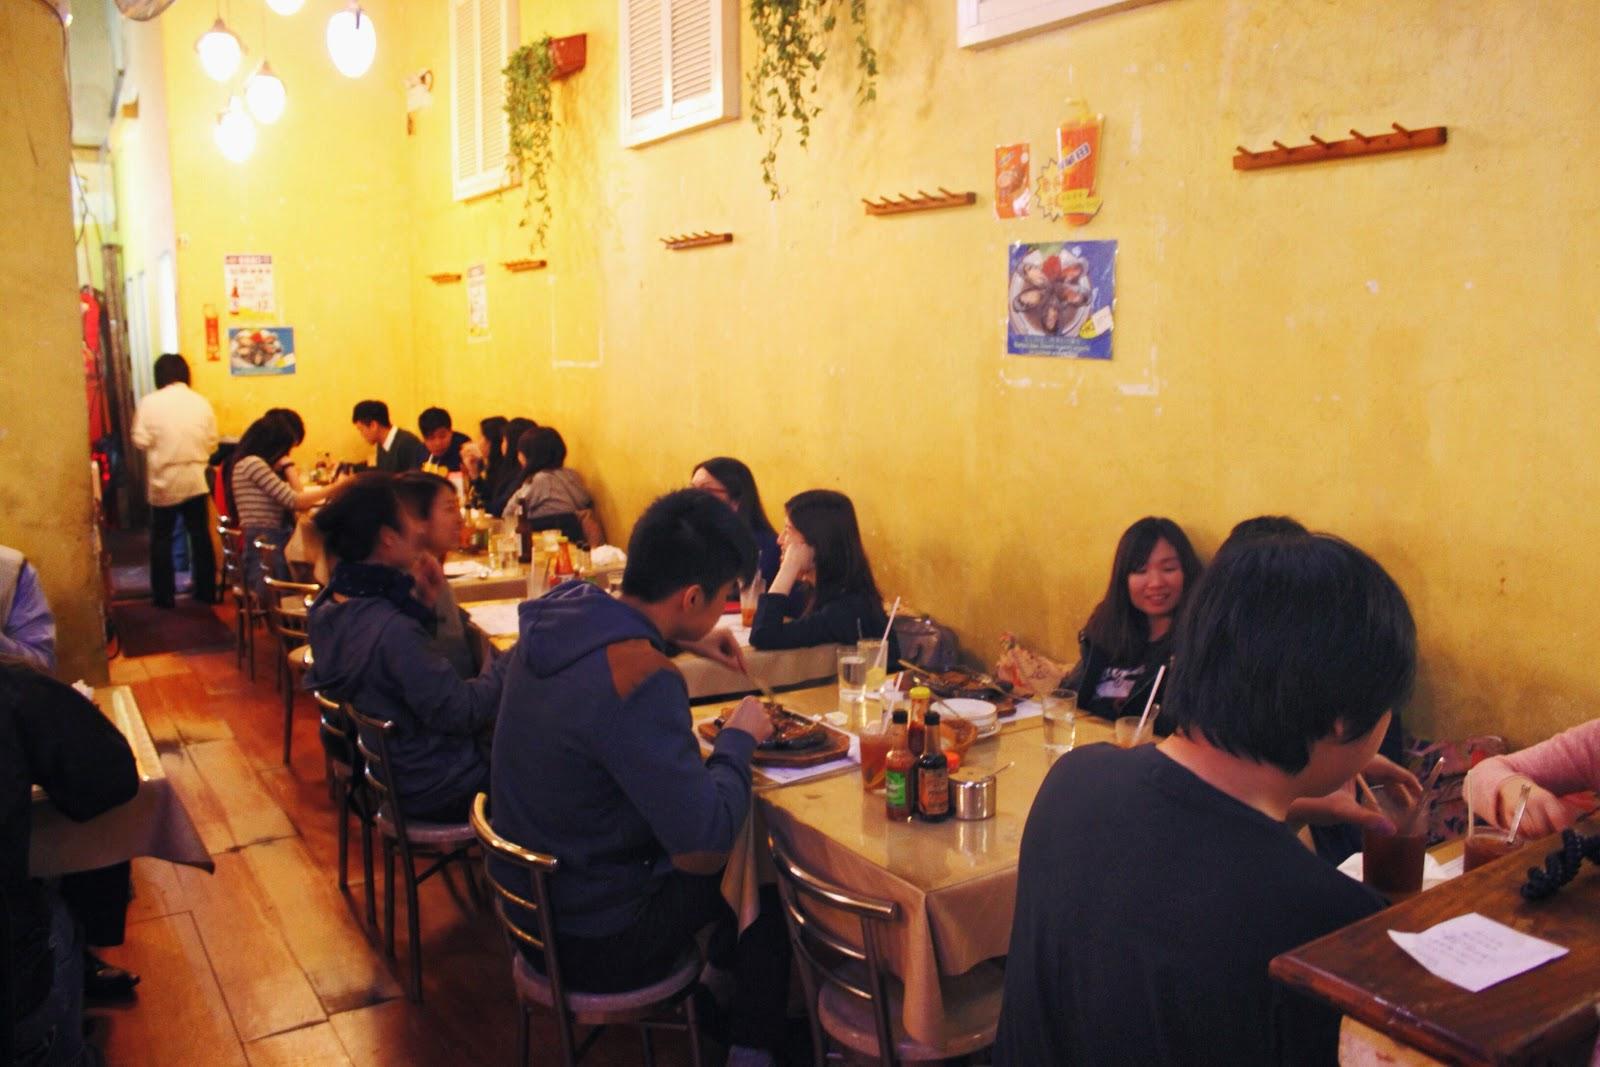 金鳳大餐廳 Golden Phoenix Grill Restaurant @ Wanchai, Hong Kong | WWW.RAYTANSY.COM